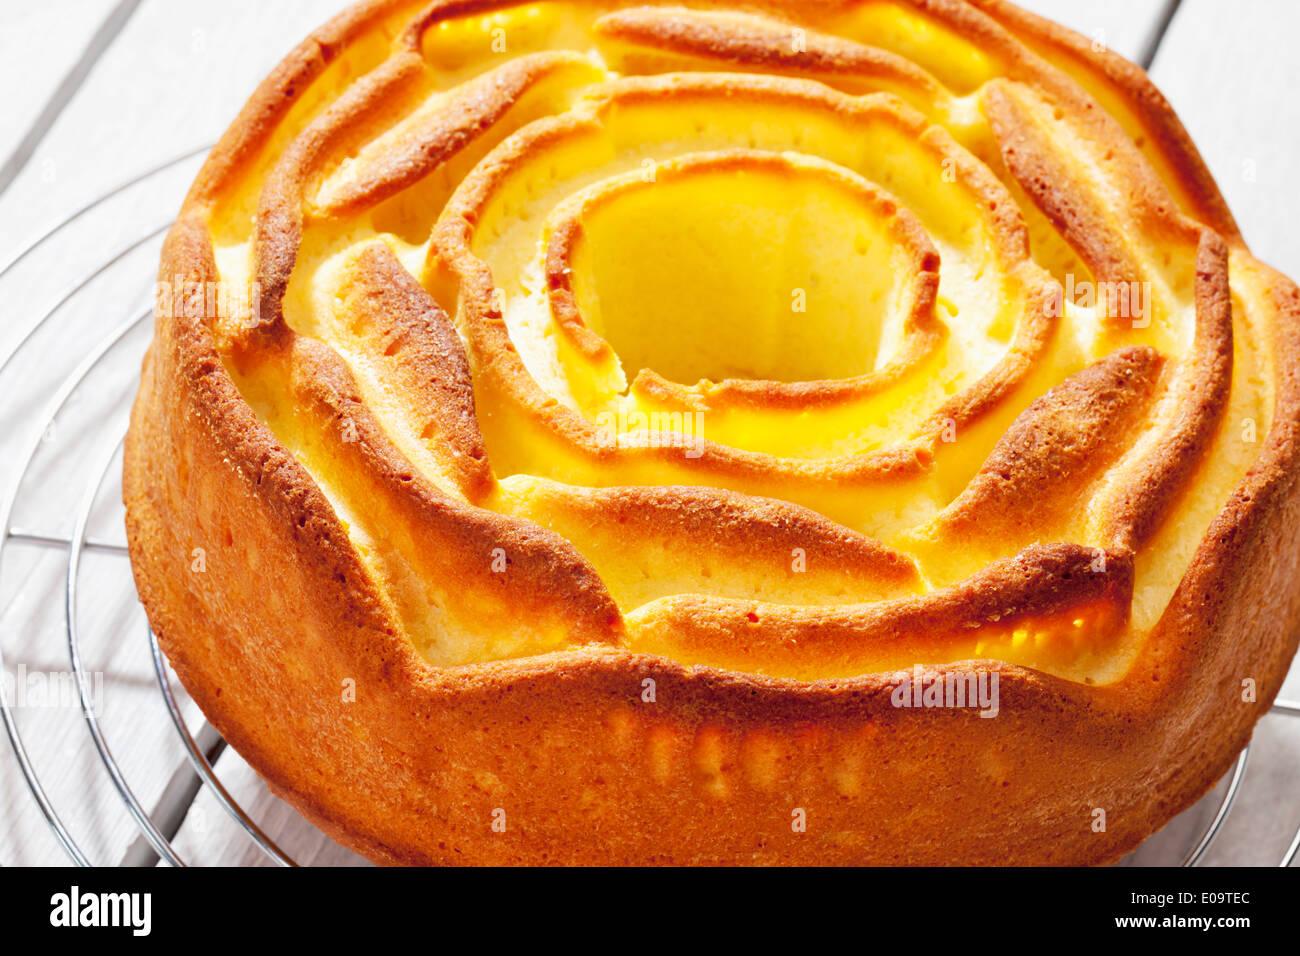 Le gâteau sur une grille de refroidissement Photo Stock